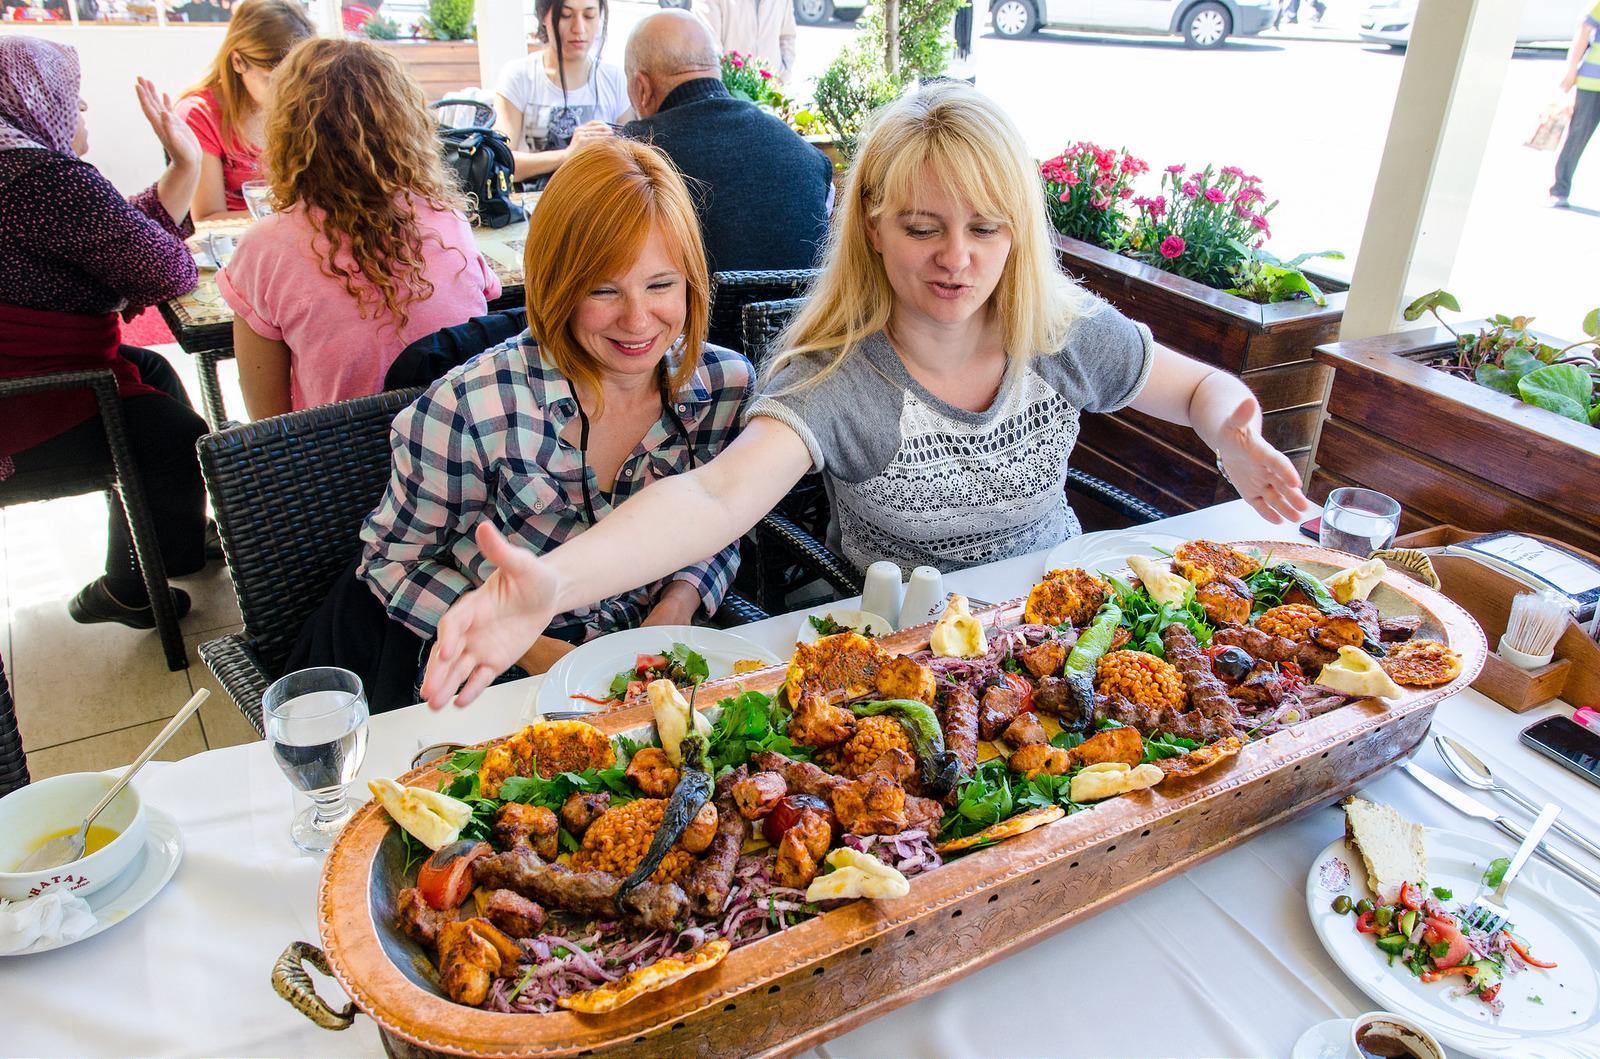 Всем известно, что там, где питаются местные жители еда и вкуснее и дешевле, но отыскать ресторанчики именно такого типа иногда довольно сложно, особенно в Италии